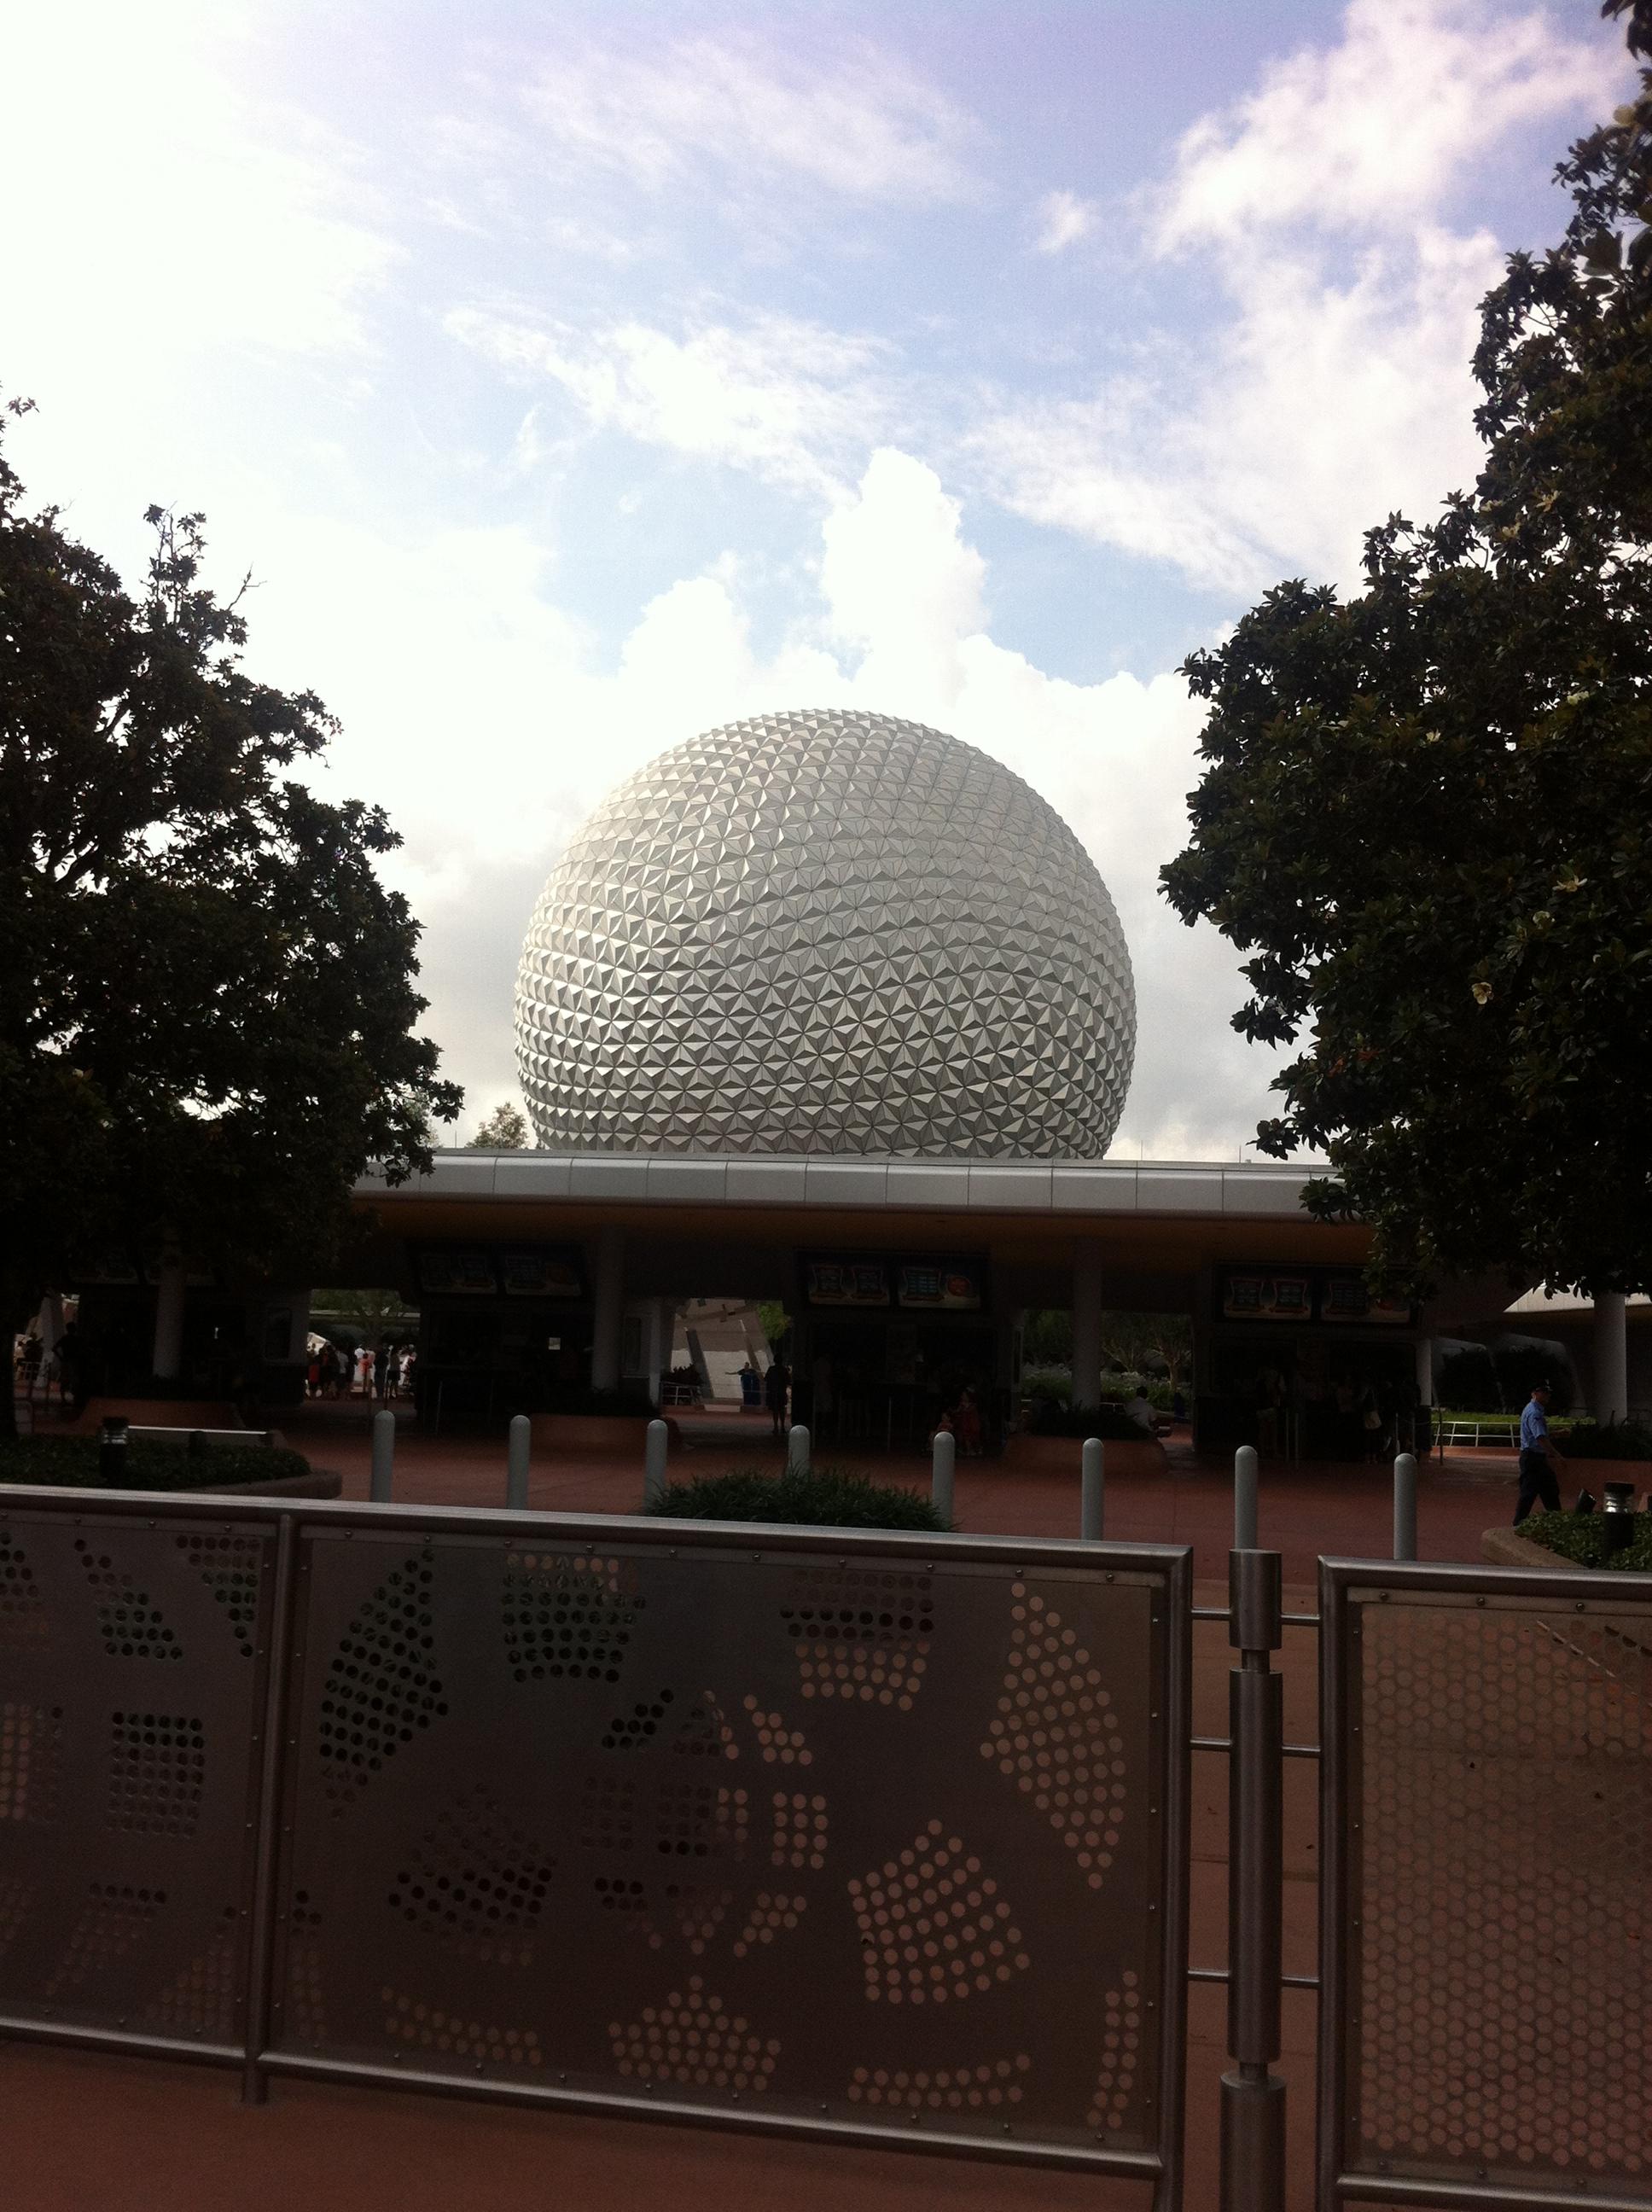 Um passeio pelo paruqe Epcot do complexo Disney